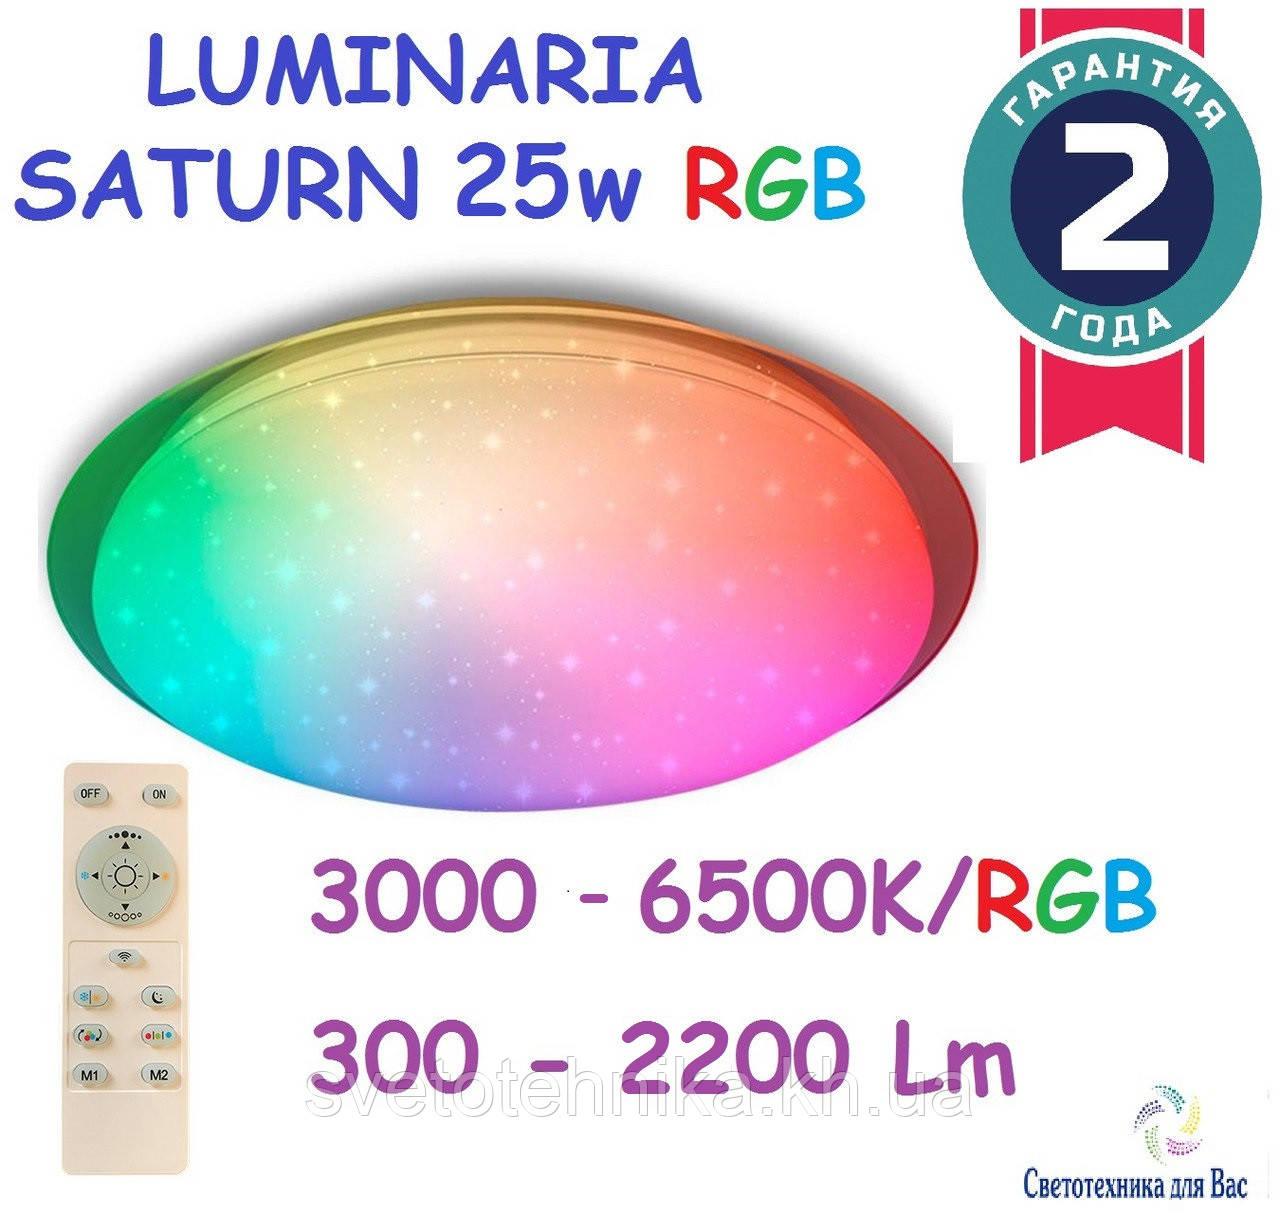 СВЕТОДИОДНЫЙ СВЕТИЛЬНИК c пультом ДУ LUMINARIA SATURN 25W RGB R330-SHINY-220V-IP44